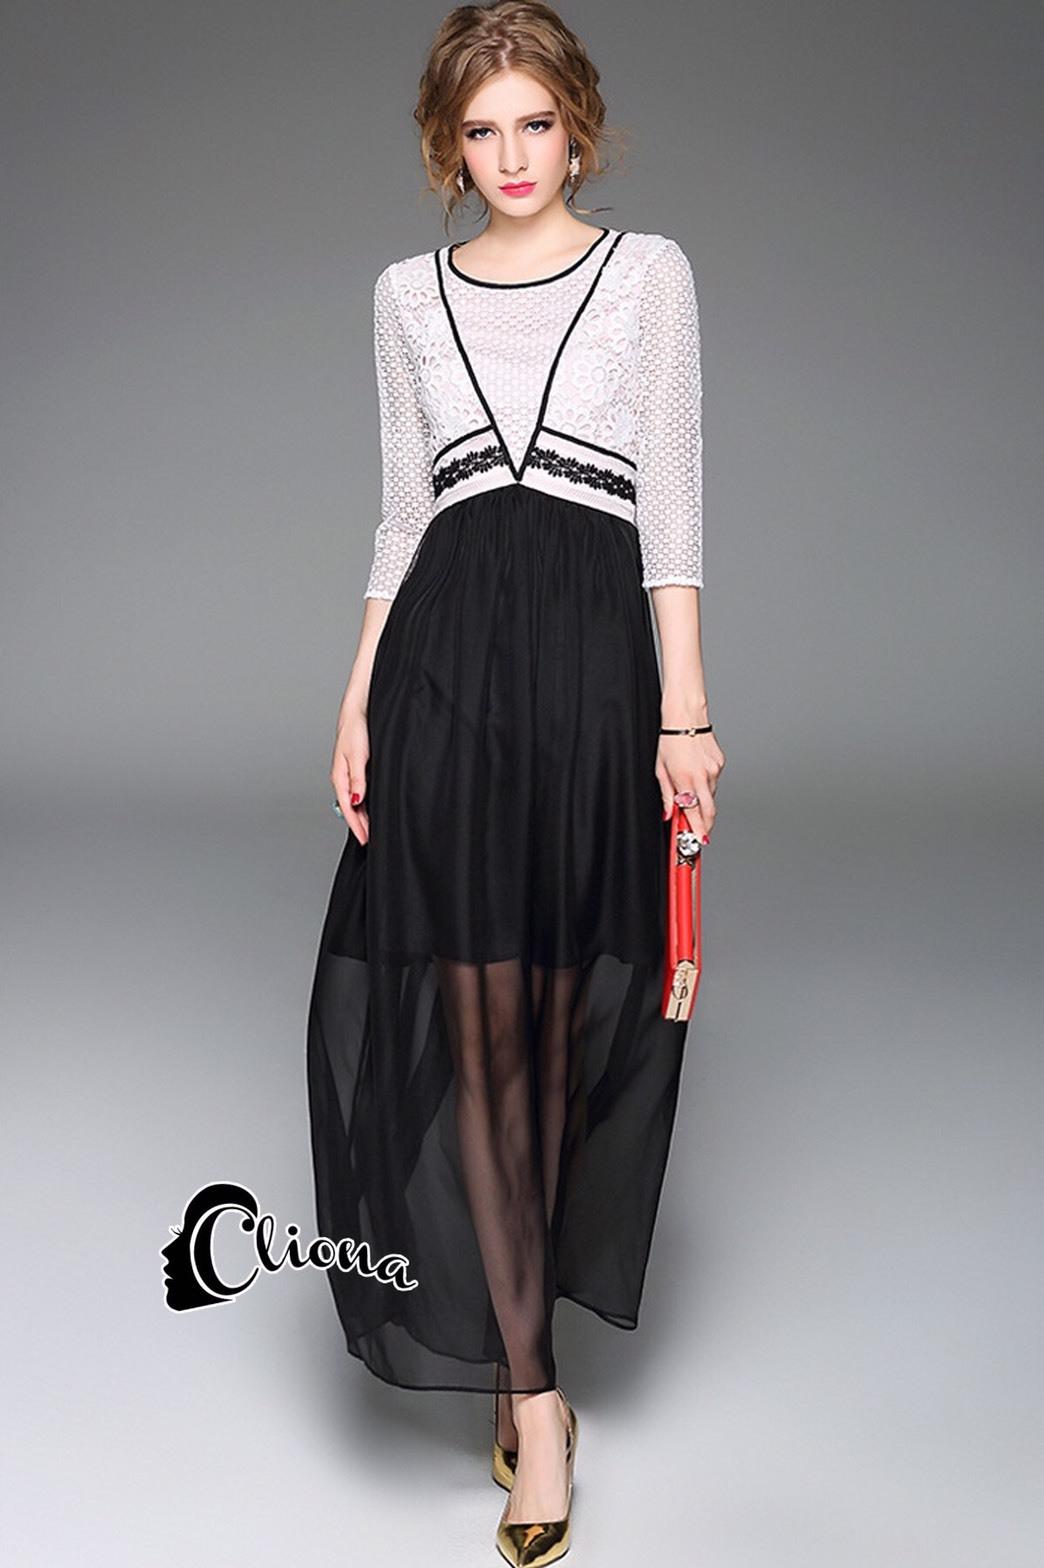 ชุดเดรสเกาหลี พร้อมส่งLong dress งานสวยอีกชุด